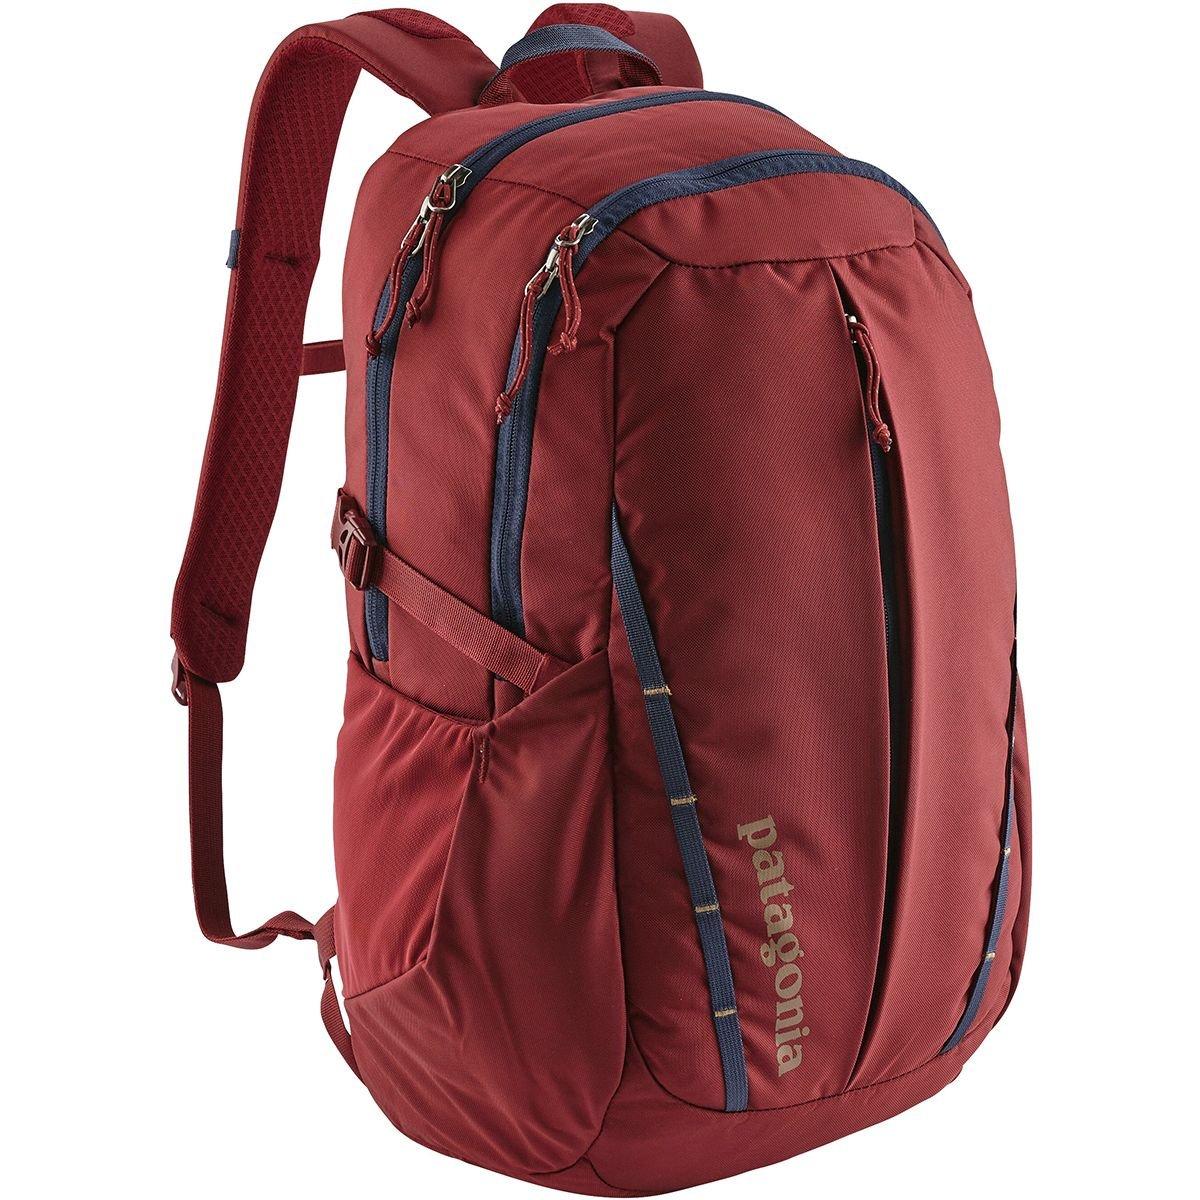 (パタゴニア) Patagonia Refugio 28L Backpackメンズ バックパック リュック Oxide Red [並行輸入品] One Size  B07F9LYTYZ